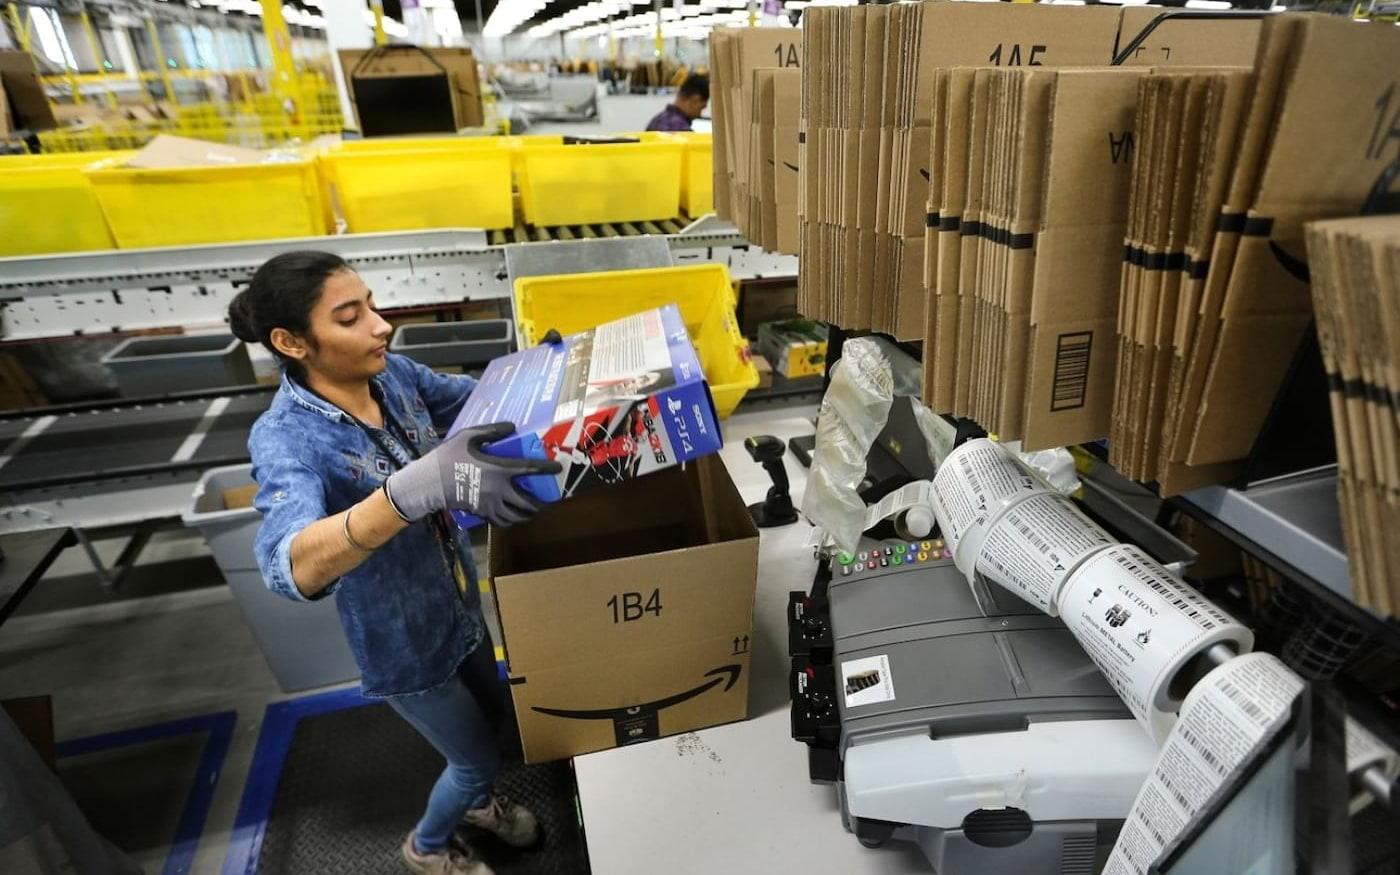 Amazon agora doará mercadorias de armazém não vendidas ao invés de destruí-las